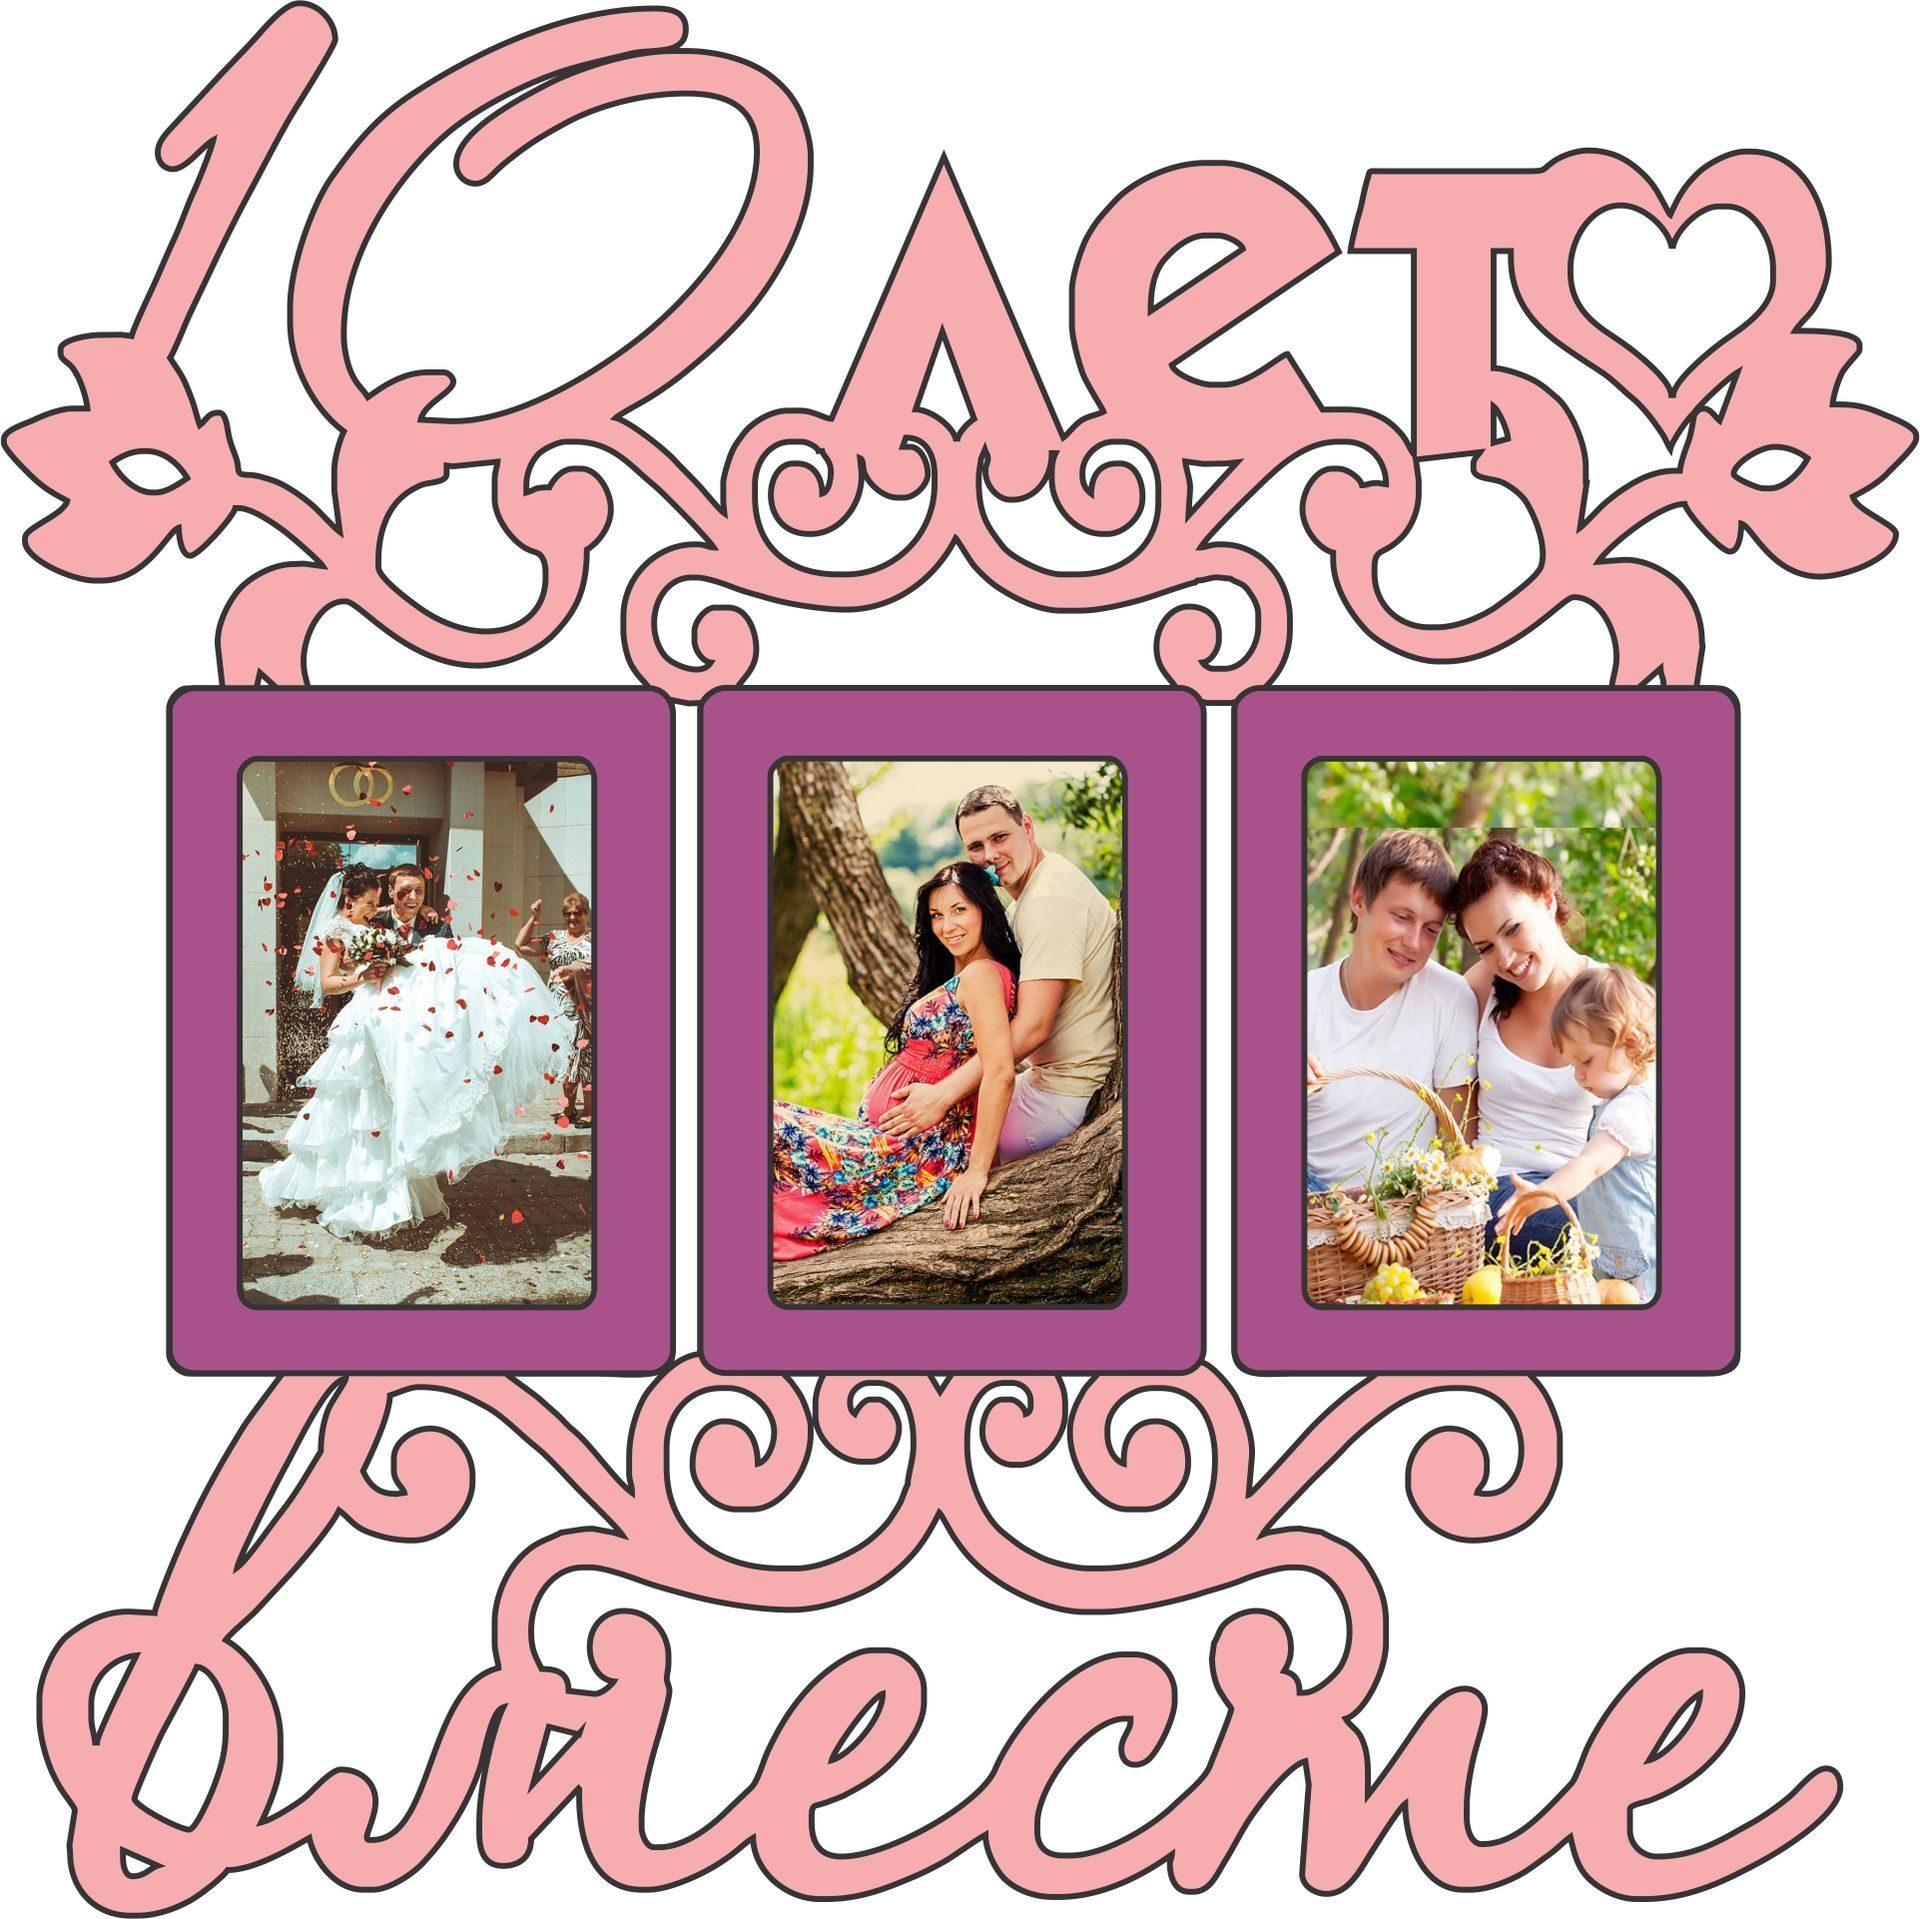 Печать грамот и дипломов для свадьбы 10 лет в Москве   фото 1